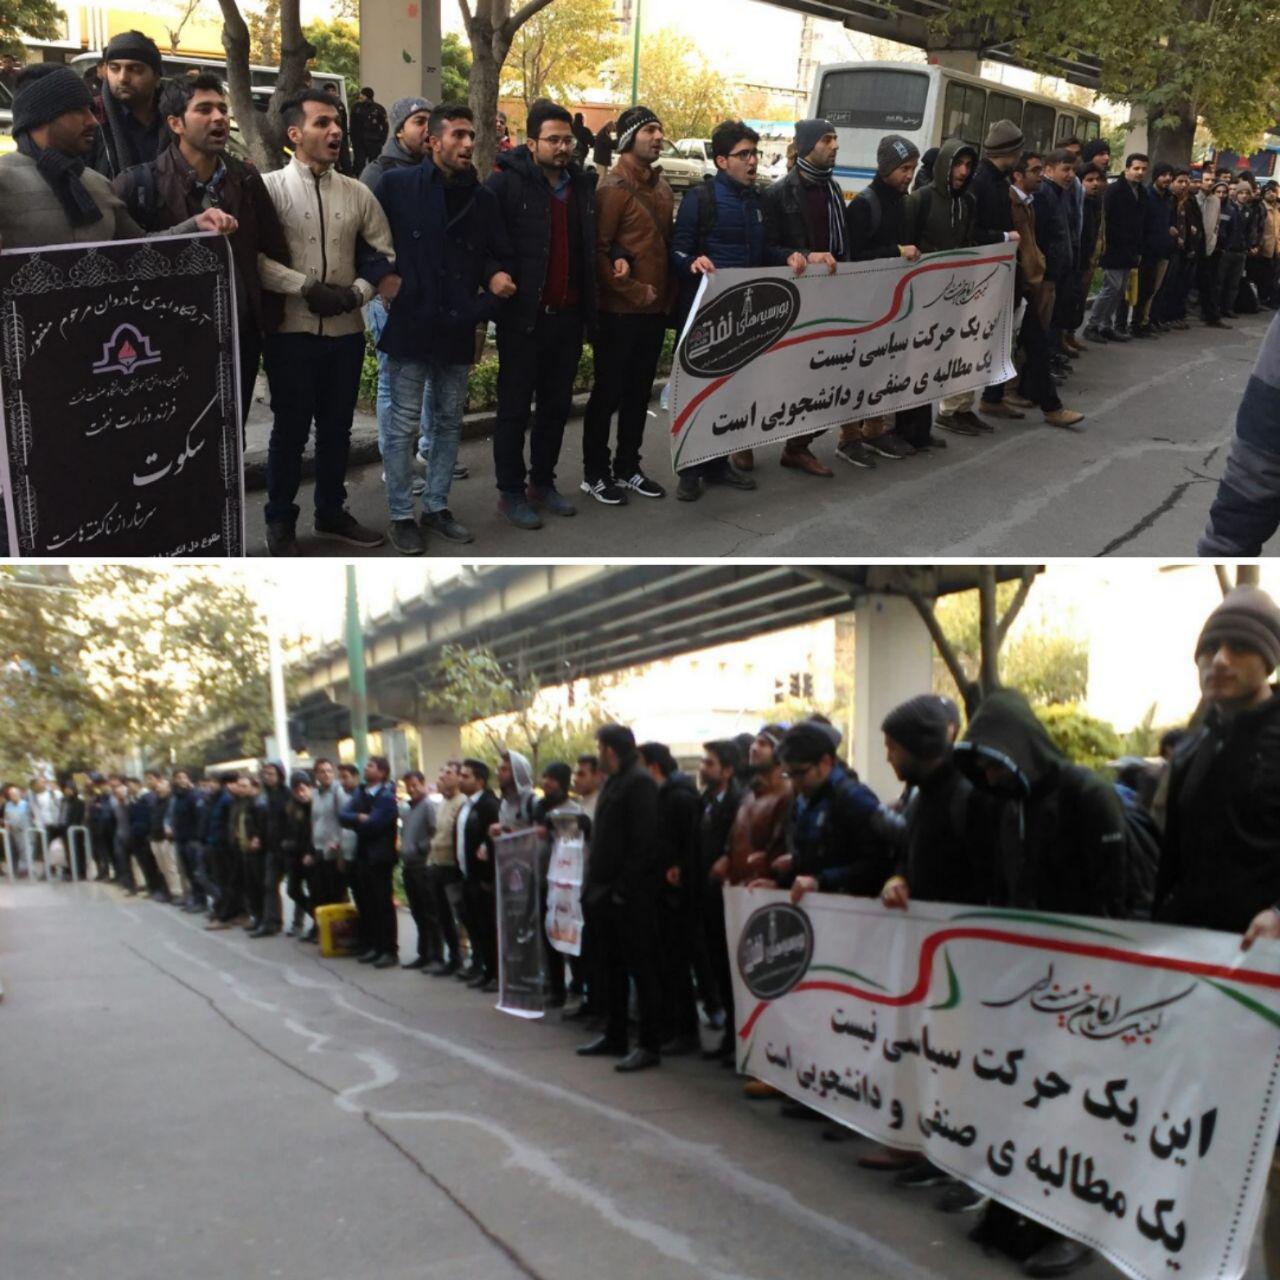 متفرق کردن با ماشین آب پاش؛ هدیه وزارت نفت به دانشجویان